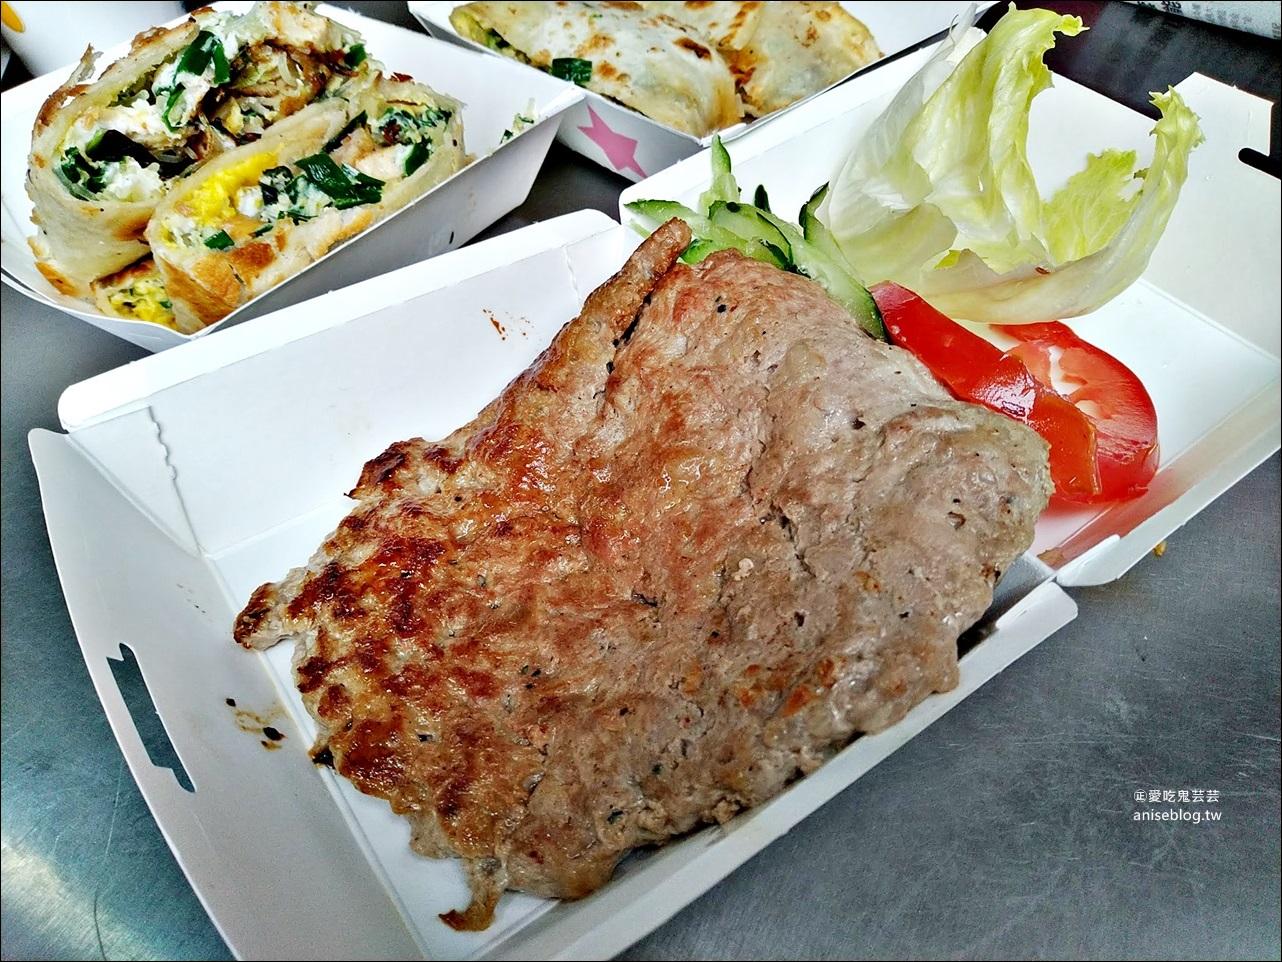 阿枝早點,巨大韭菜盒、韭菜起司蛋餅,內湖東湖人氣早餐(姊姊食記)